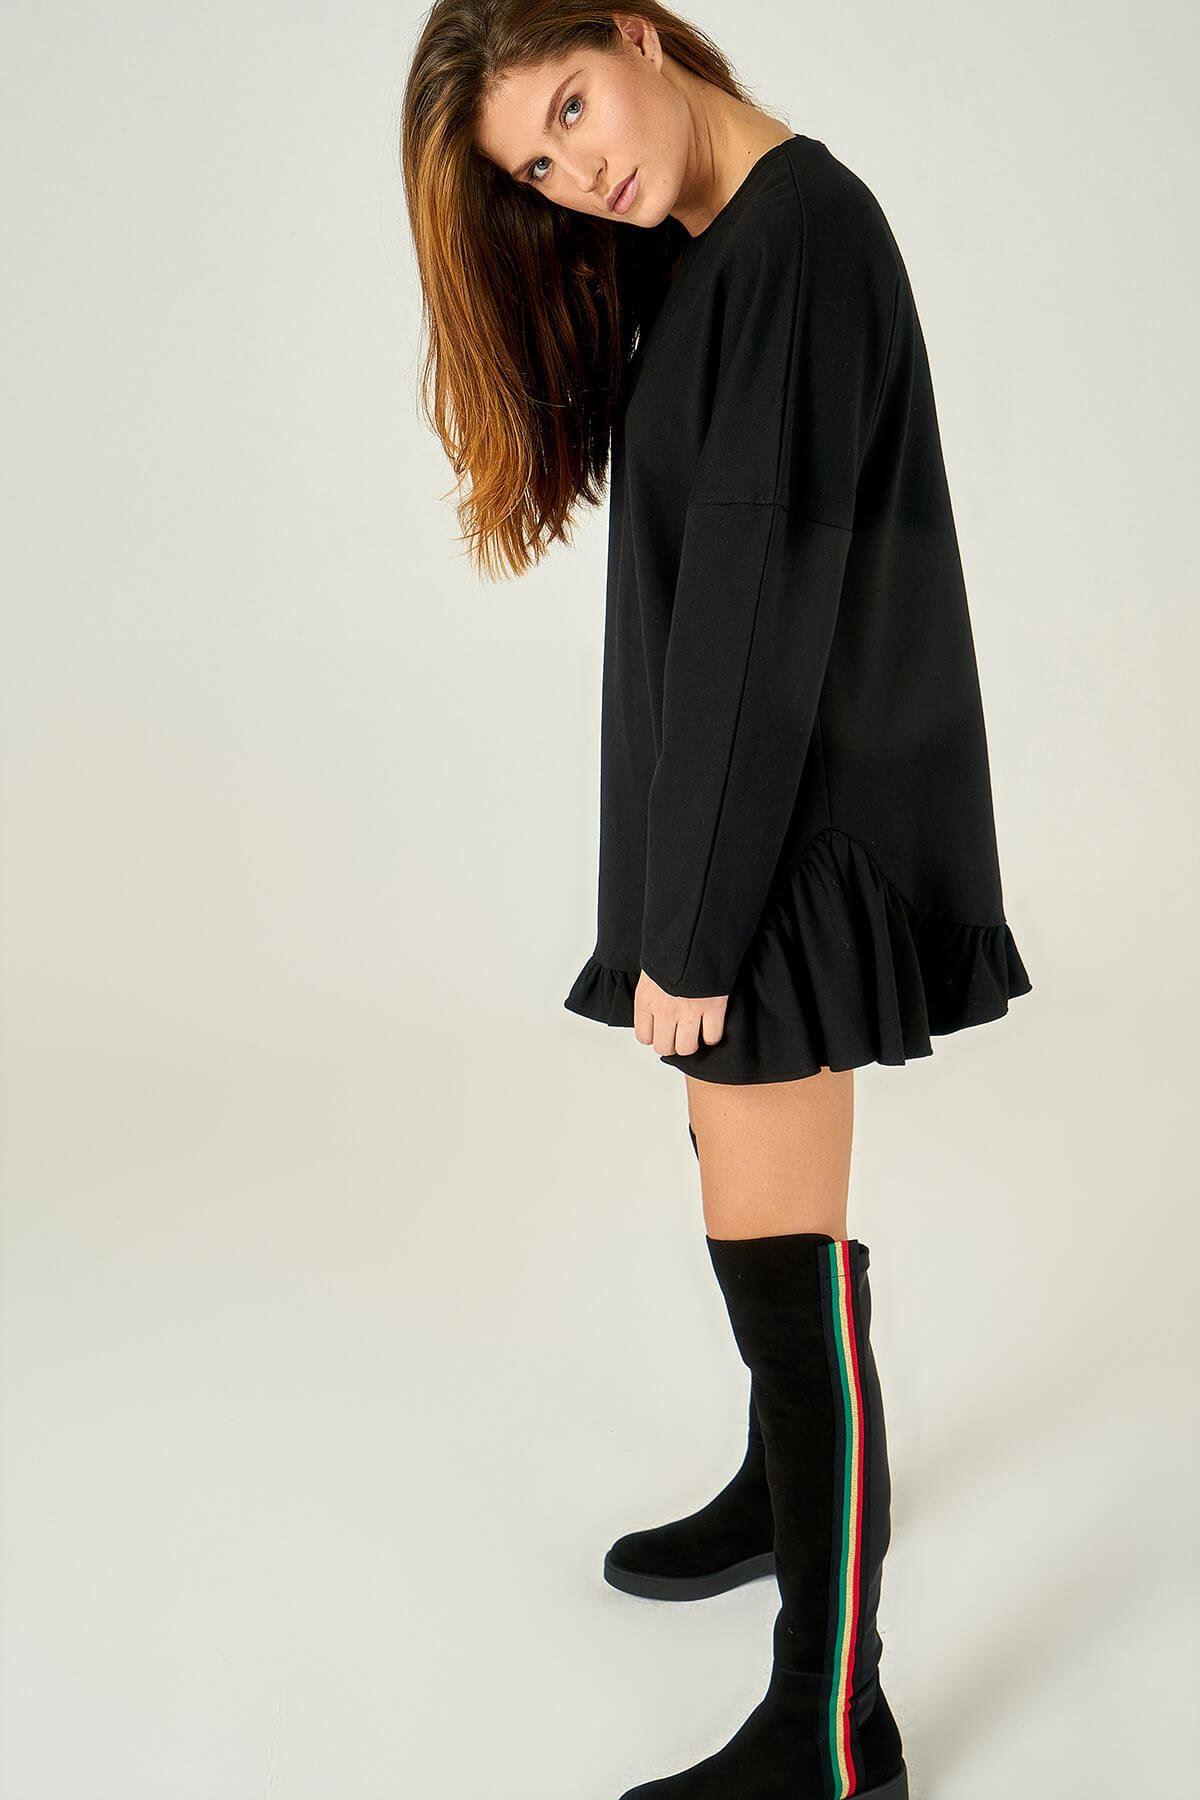 Kadın Siyah Eteği Fırfırlı Tunik